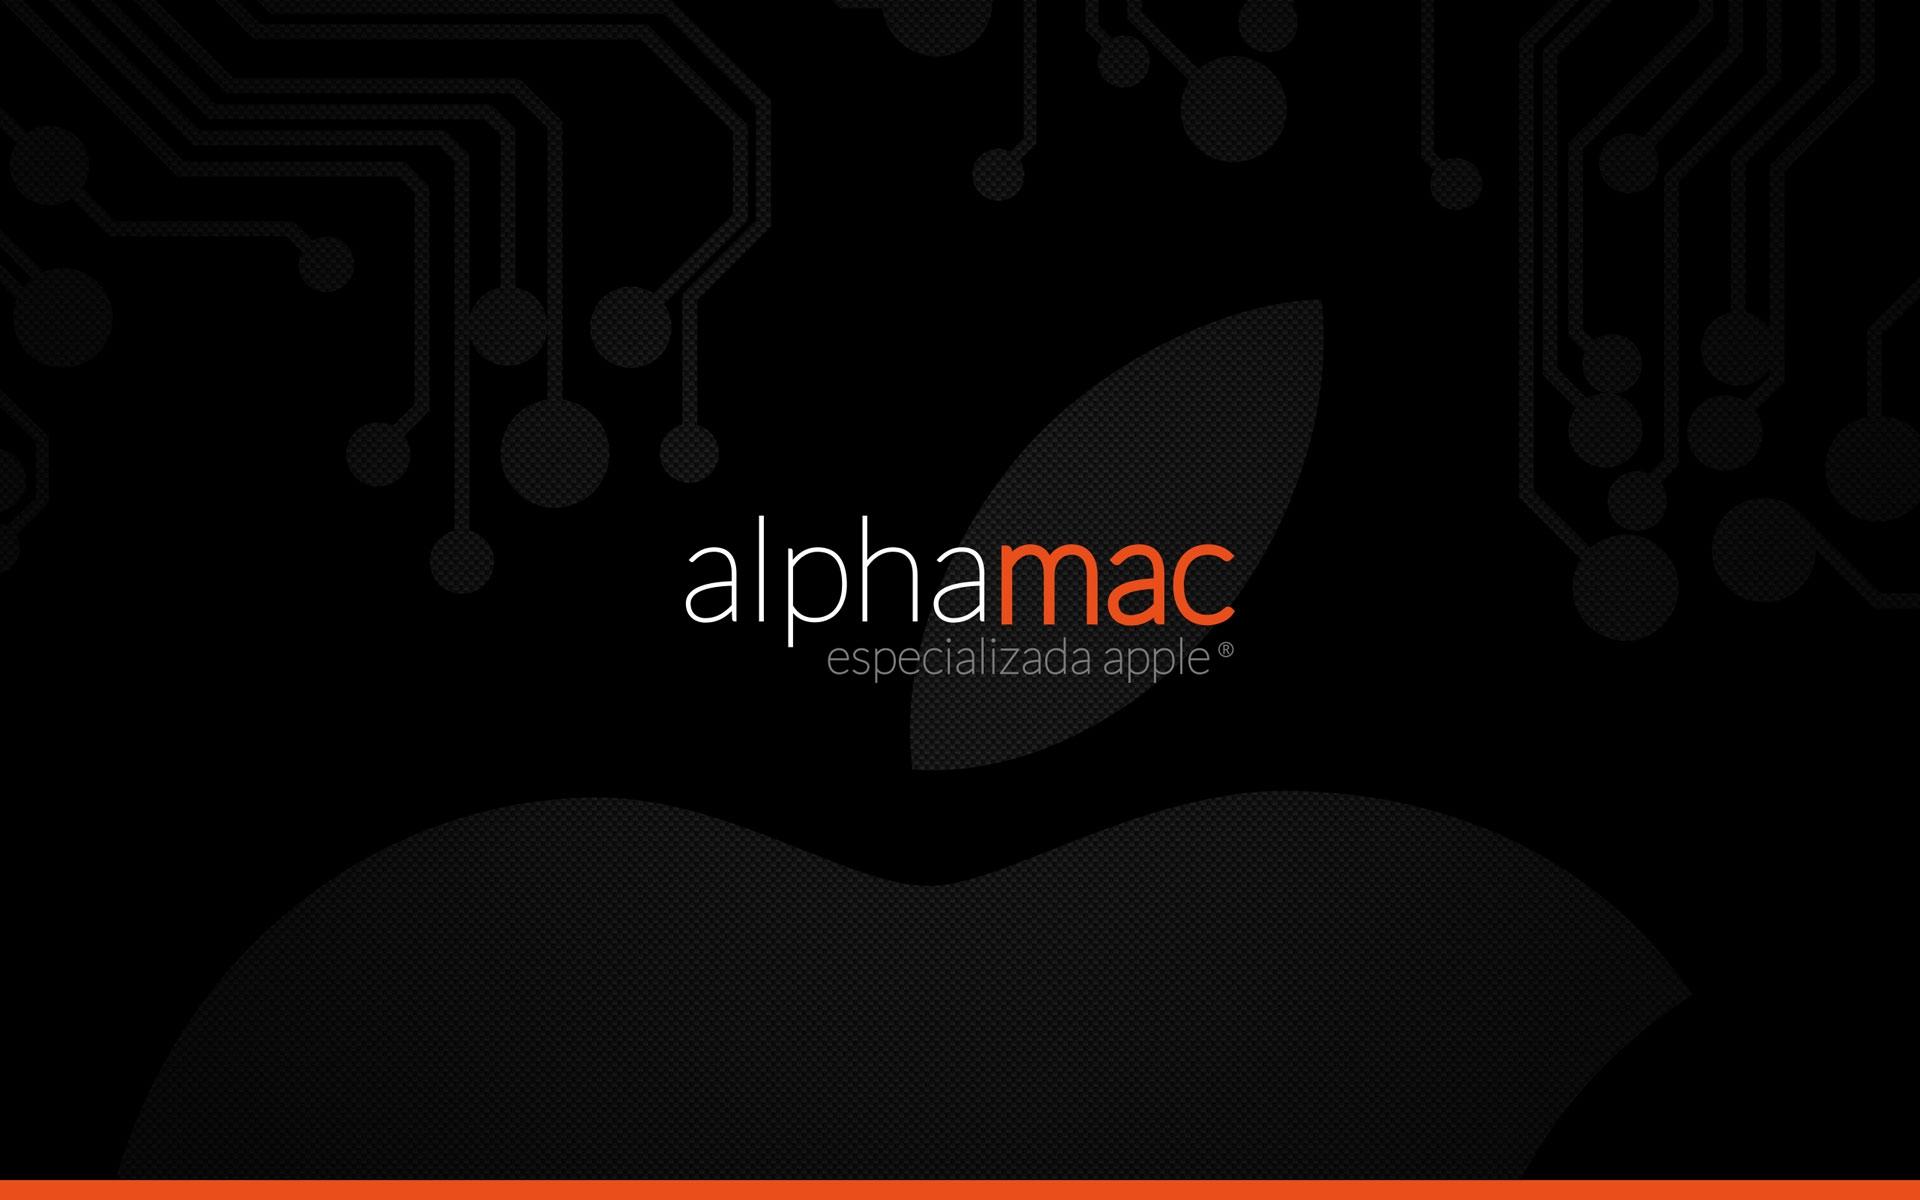 consertos-de-mac-alphamac-banner1